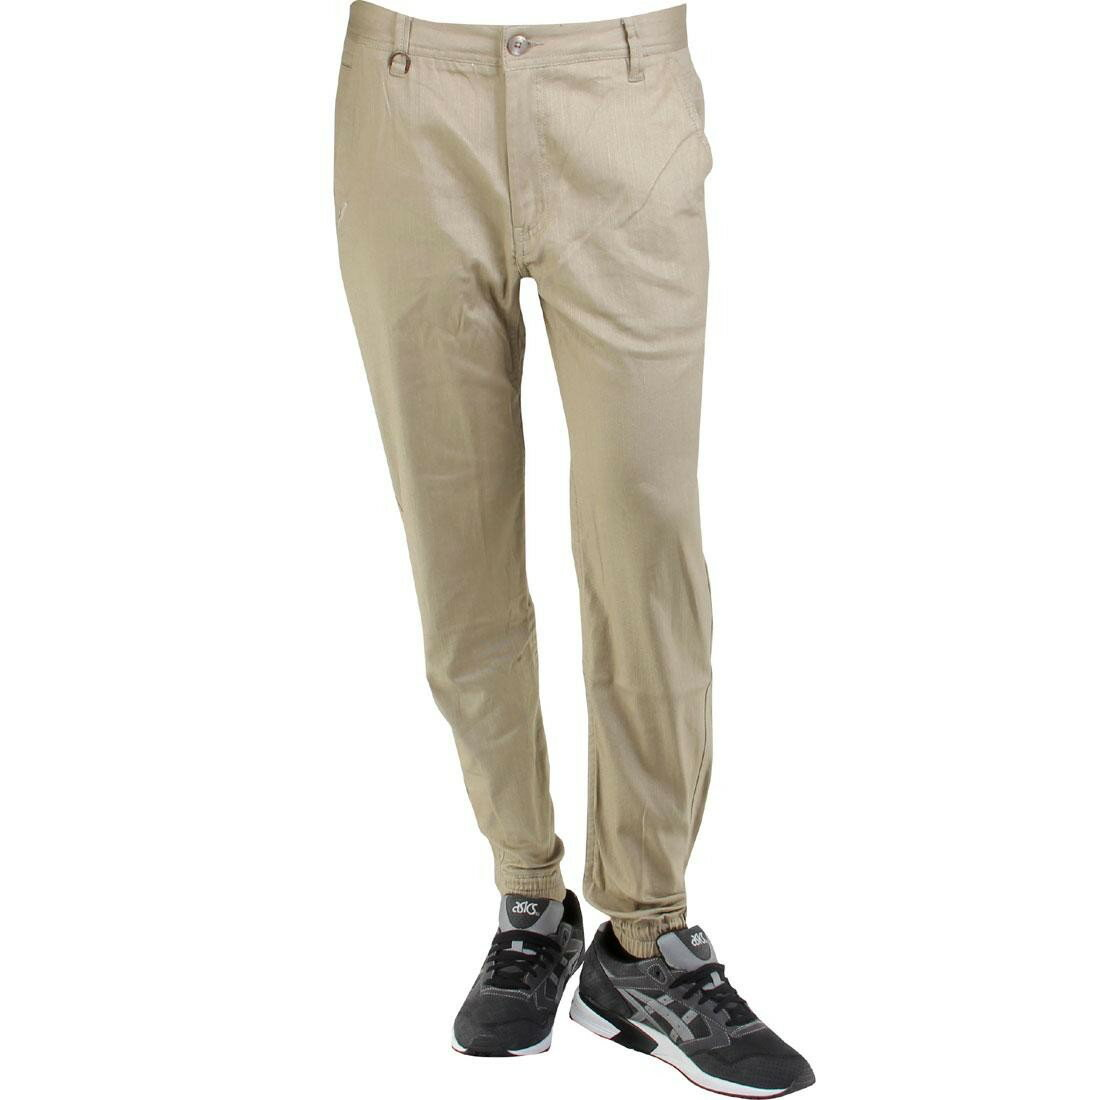 パブリッシュ スラブ ジョガー ストレッチ パンツ ツイル publish newkirk slub stretch twill jogger pants tan レディースファッション ユニセックスウエア